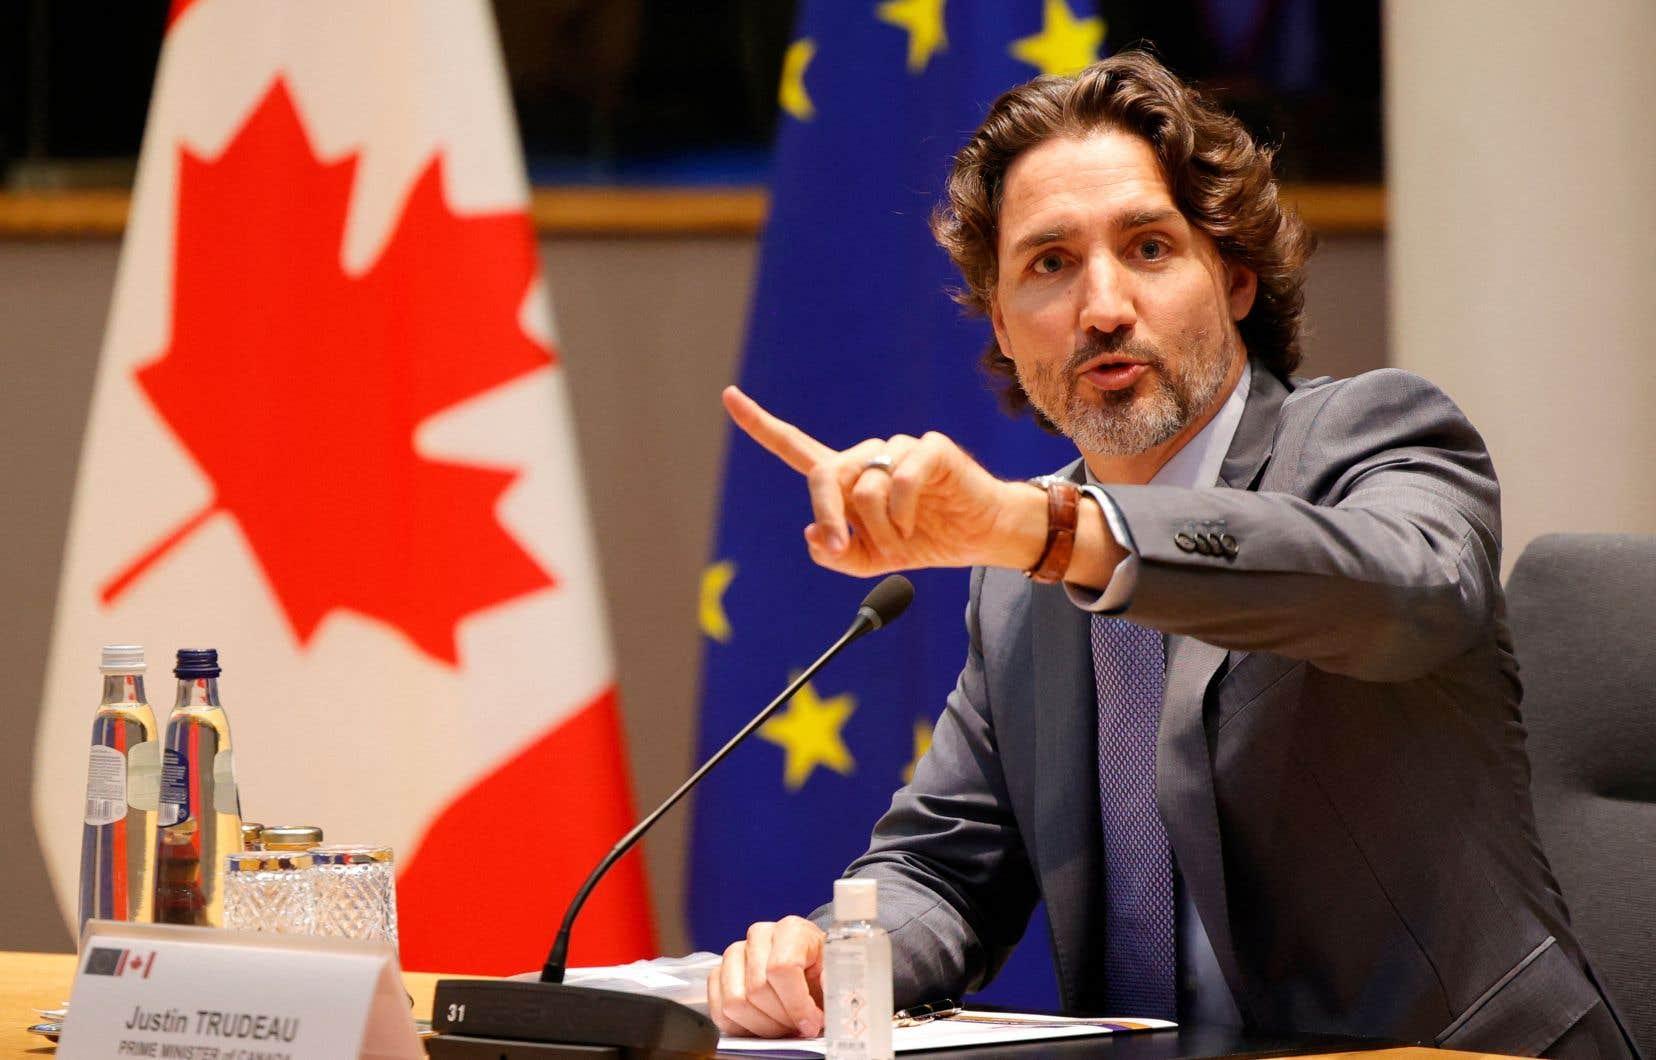 «Justin Trudeau devait renouer avec la tradition établie depuis 1945, mais ses nombreux renoncements et tergiversations ont fait en sorte que sa diplomatie est devenue illisible», écrit l'auteur.